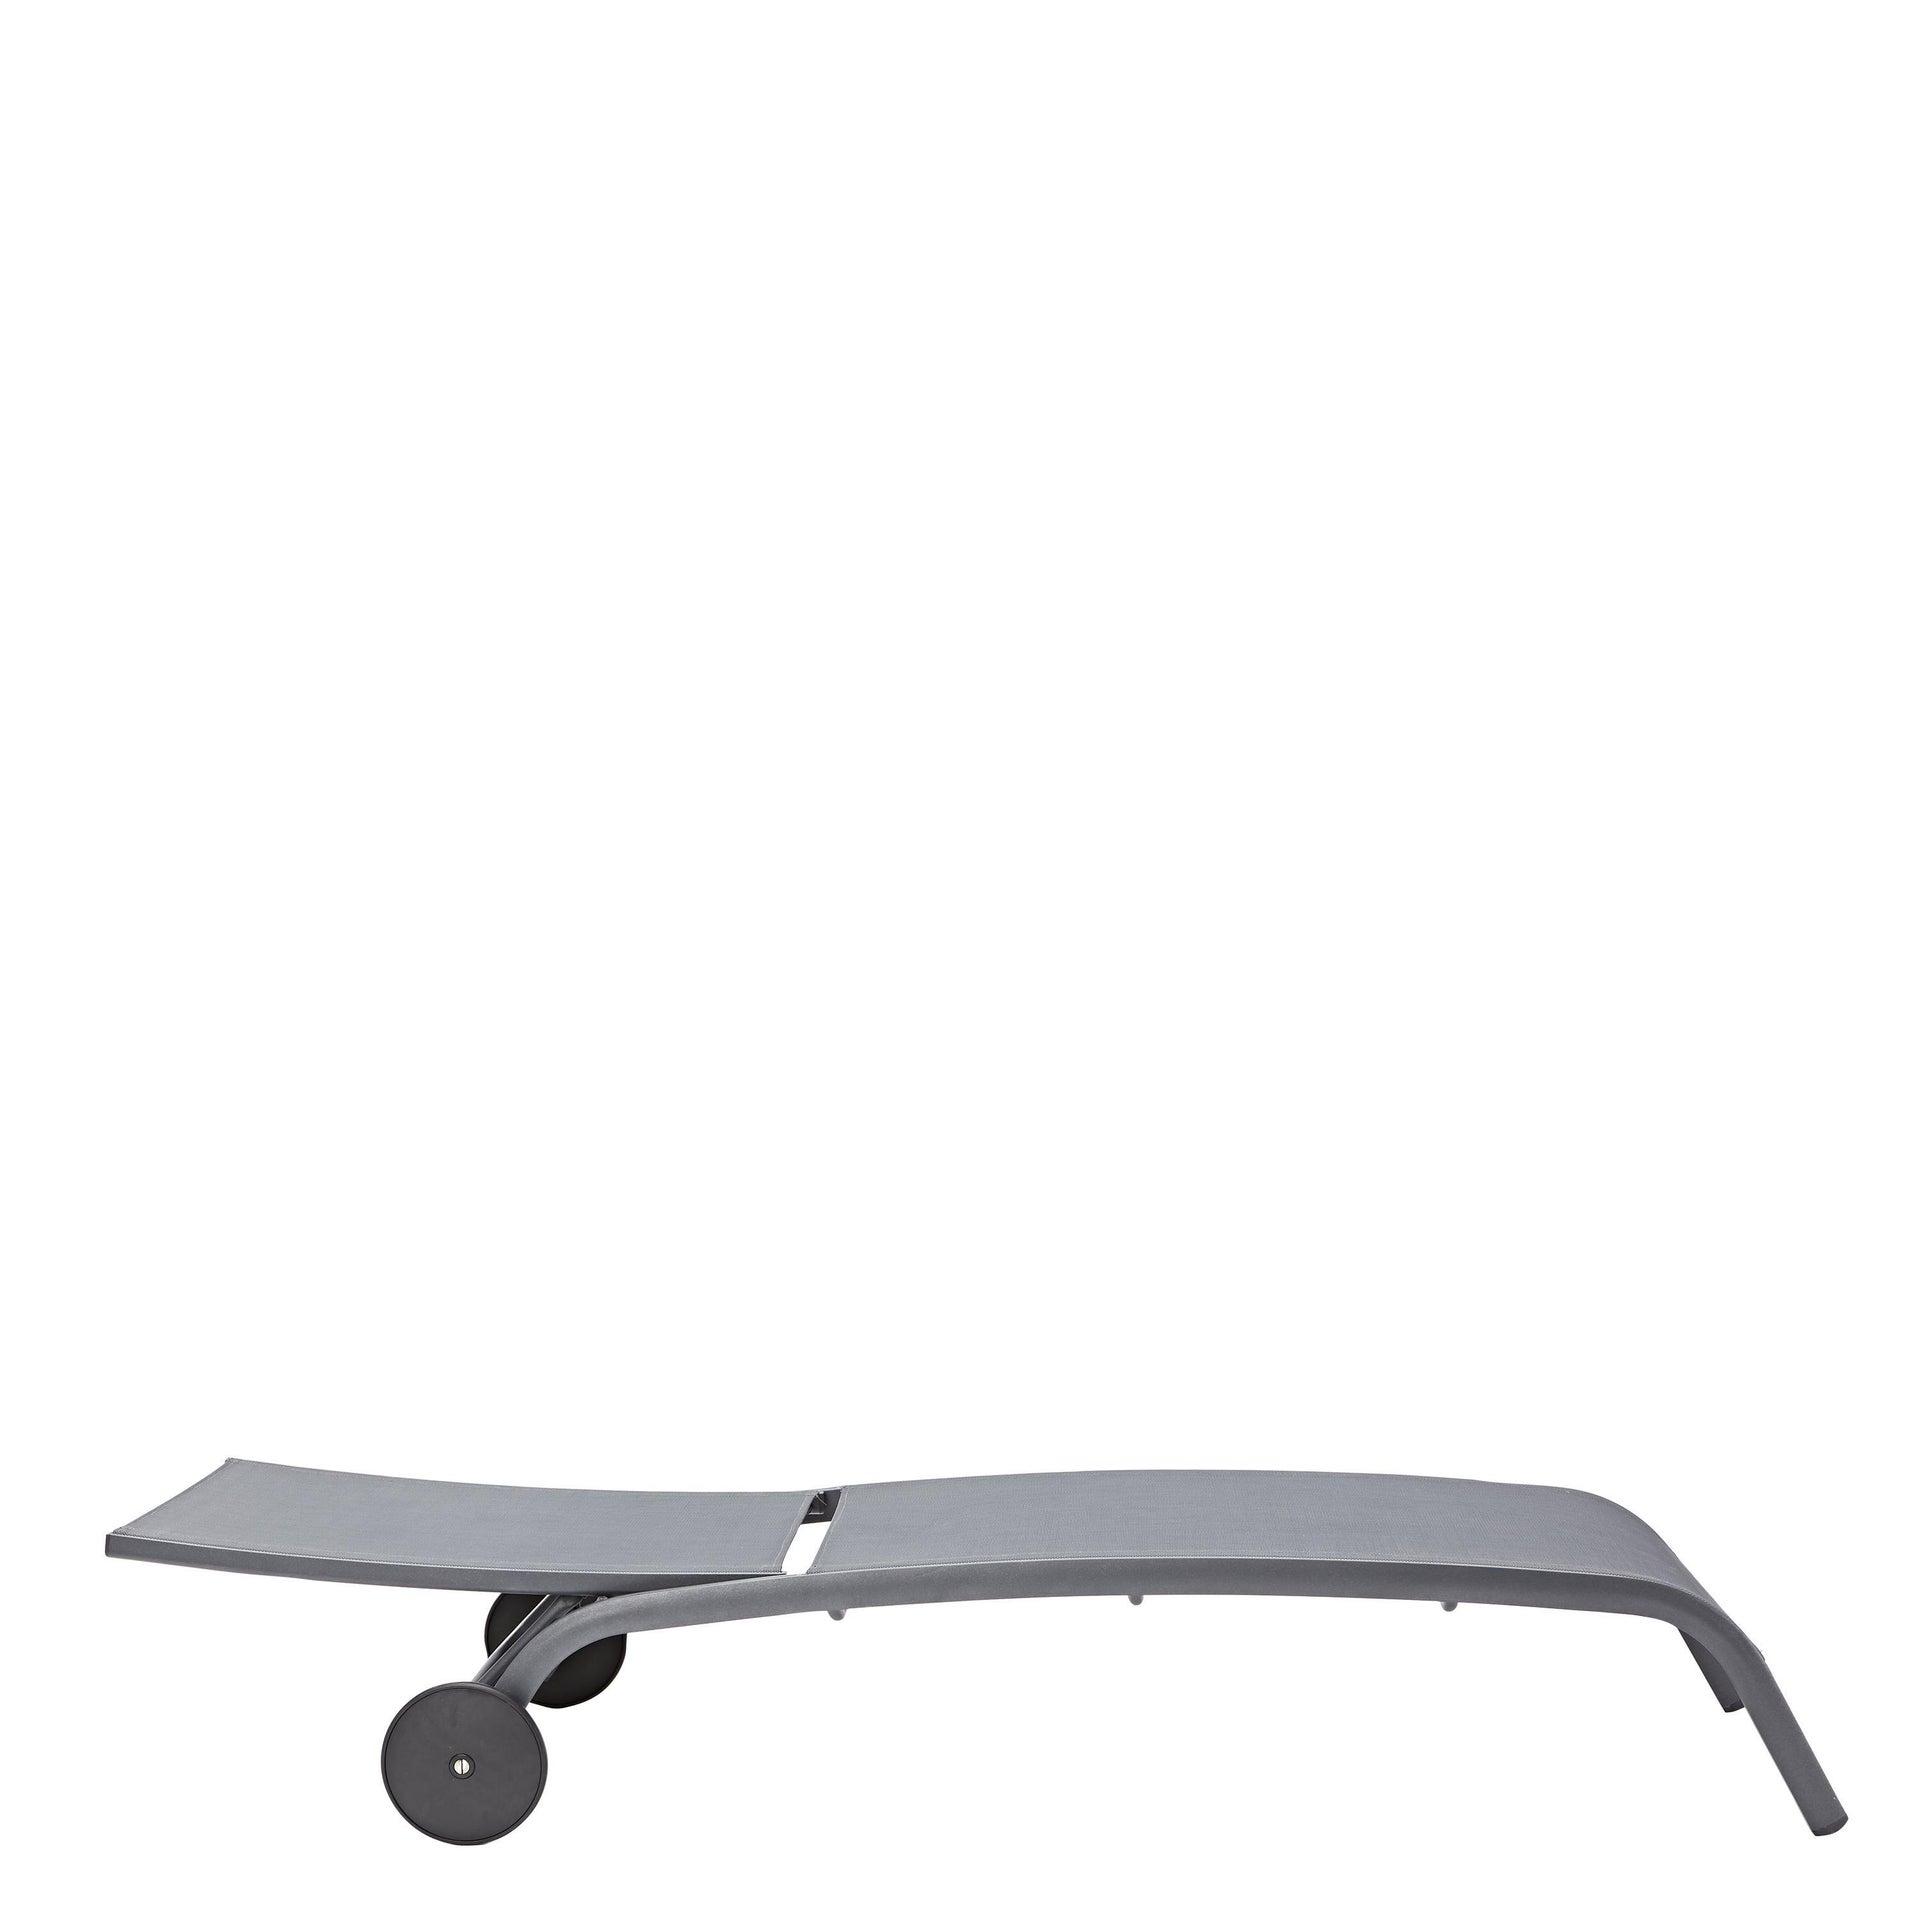 Lettino senza cuscino impilabile NATERIAL Lyra in alluminio grigio scuro - 4